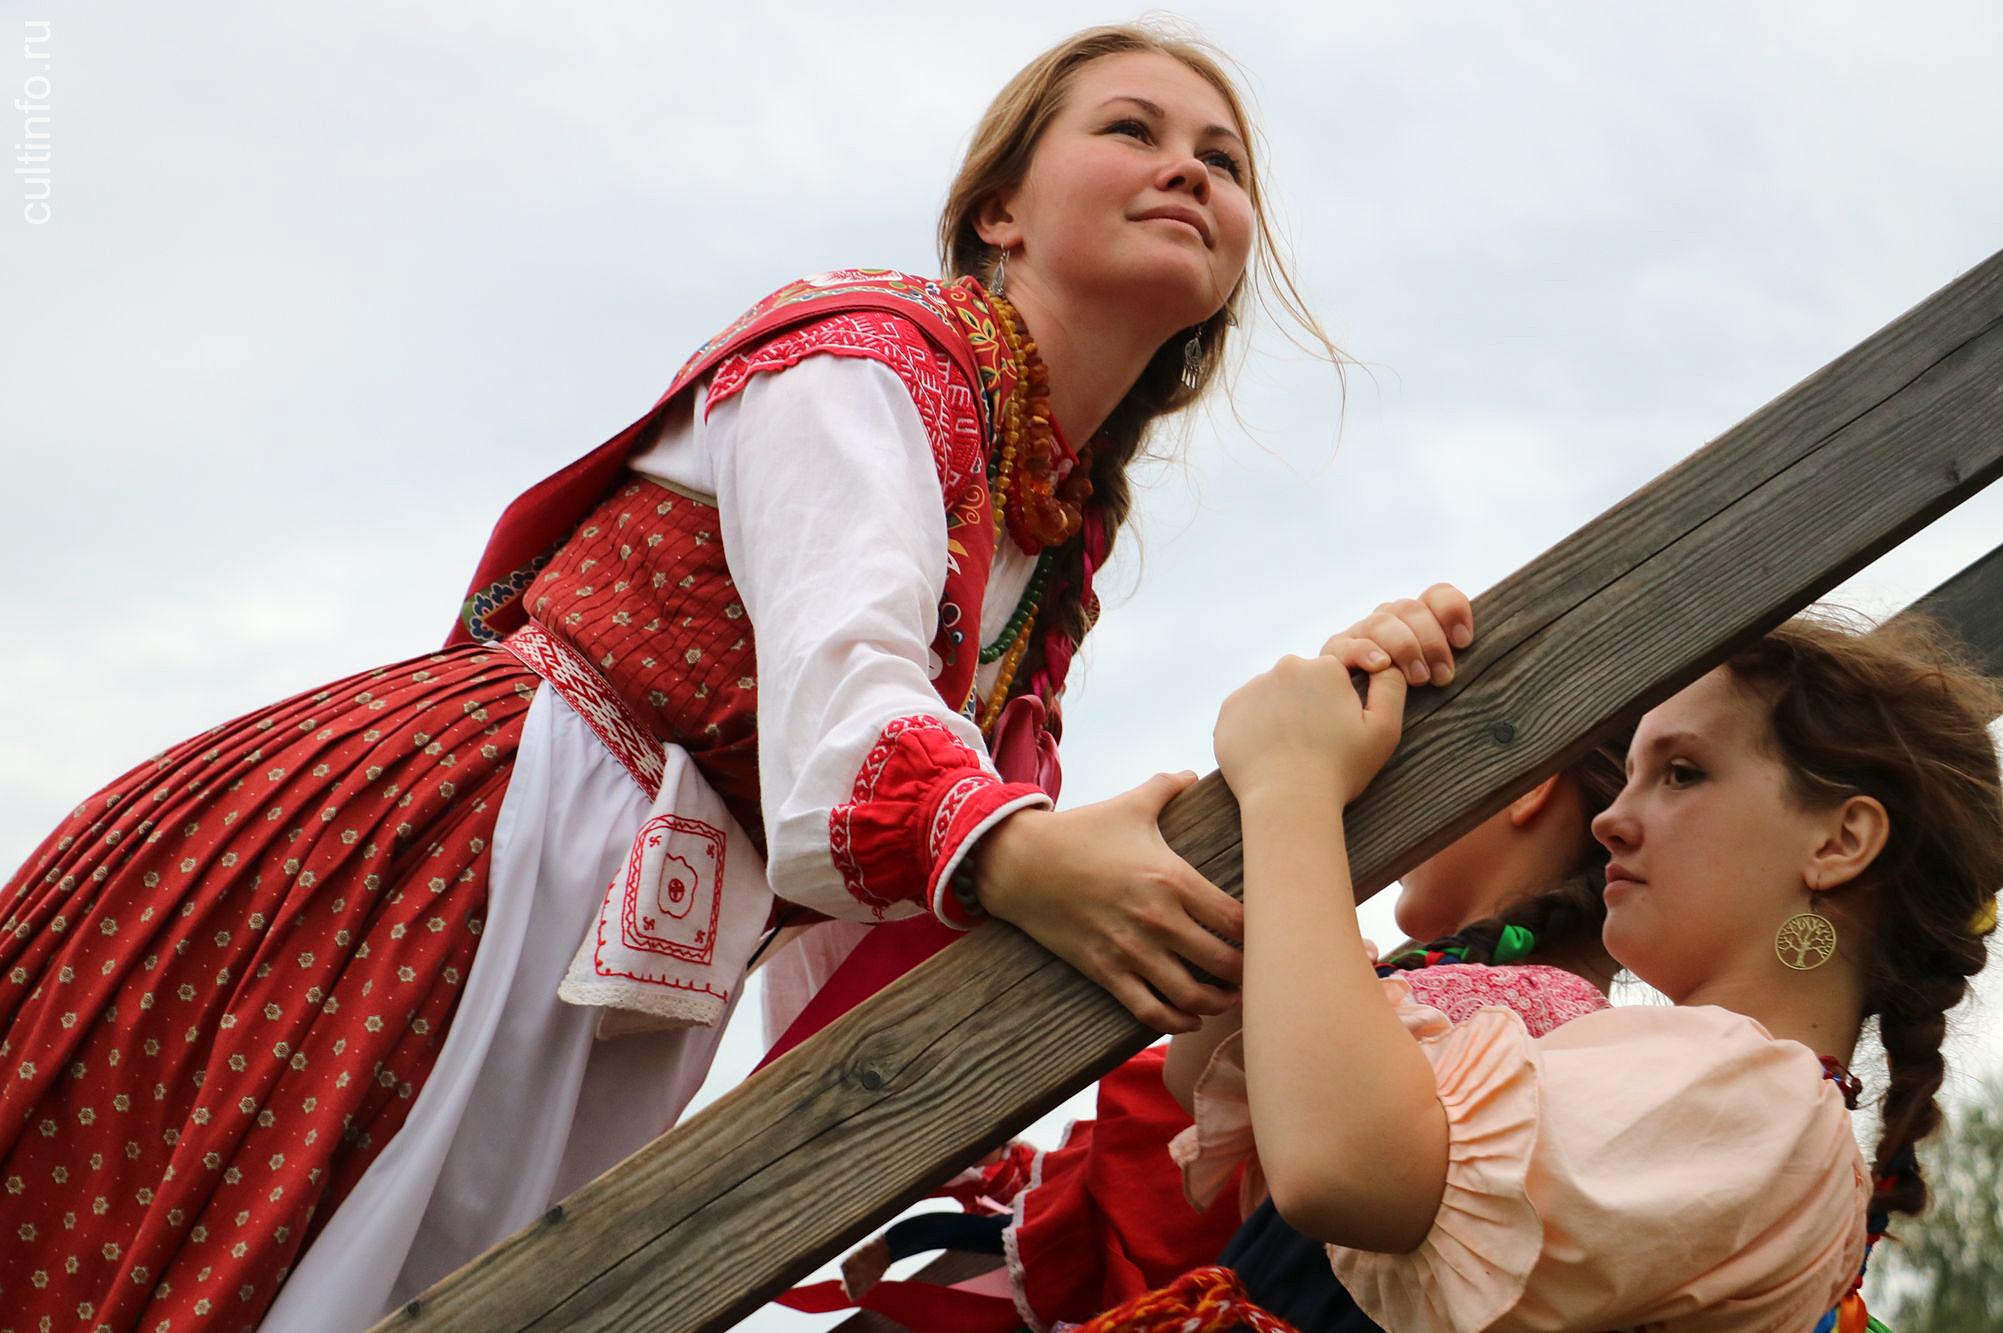 Вологодские фотографы готовятся к традиционному осеннему фотовернисажу. Работы еще принимаются...